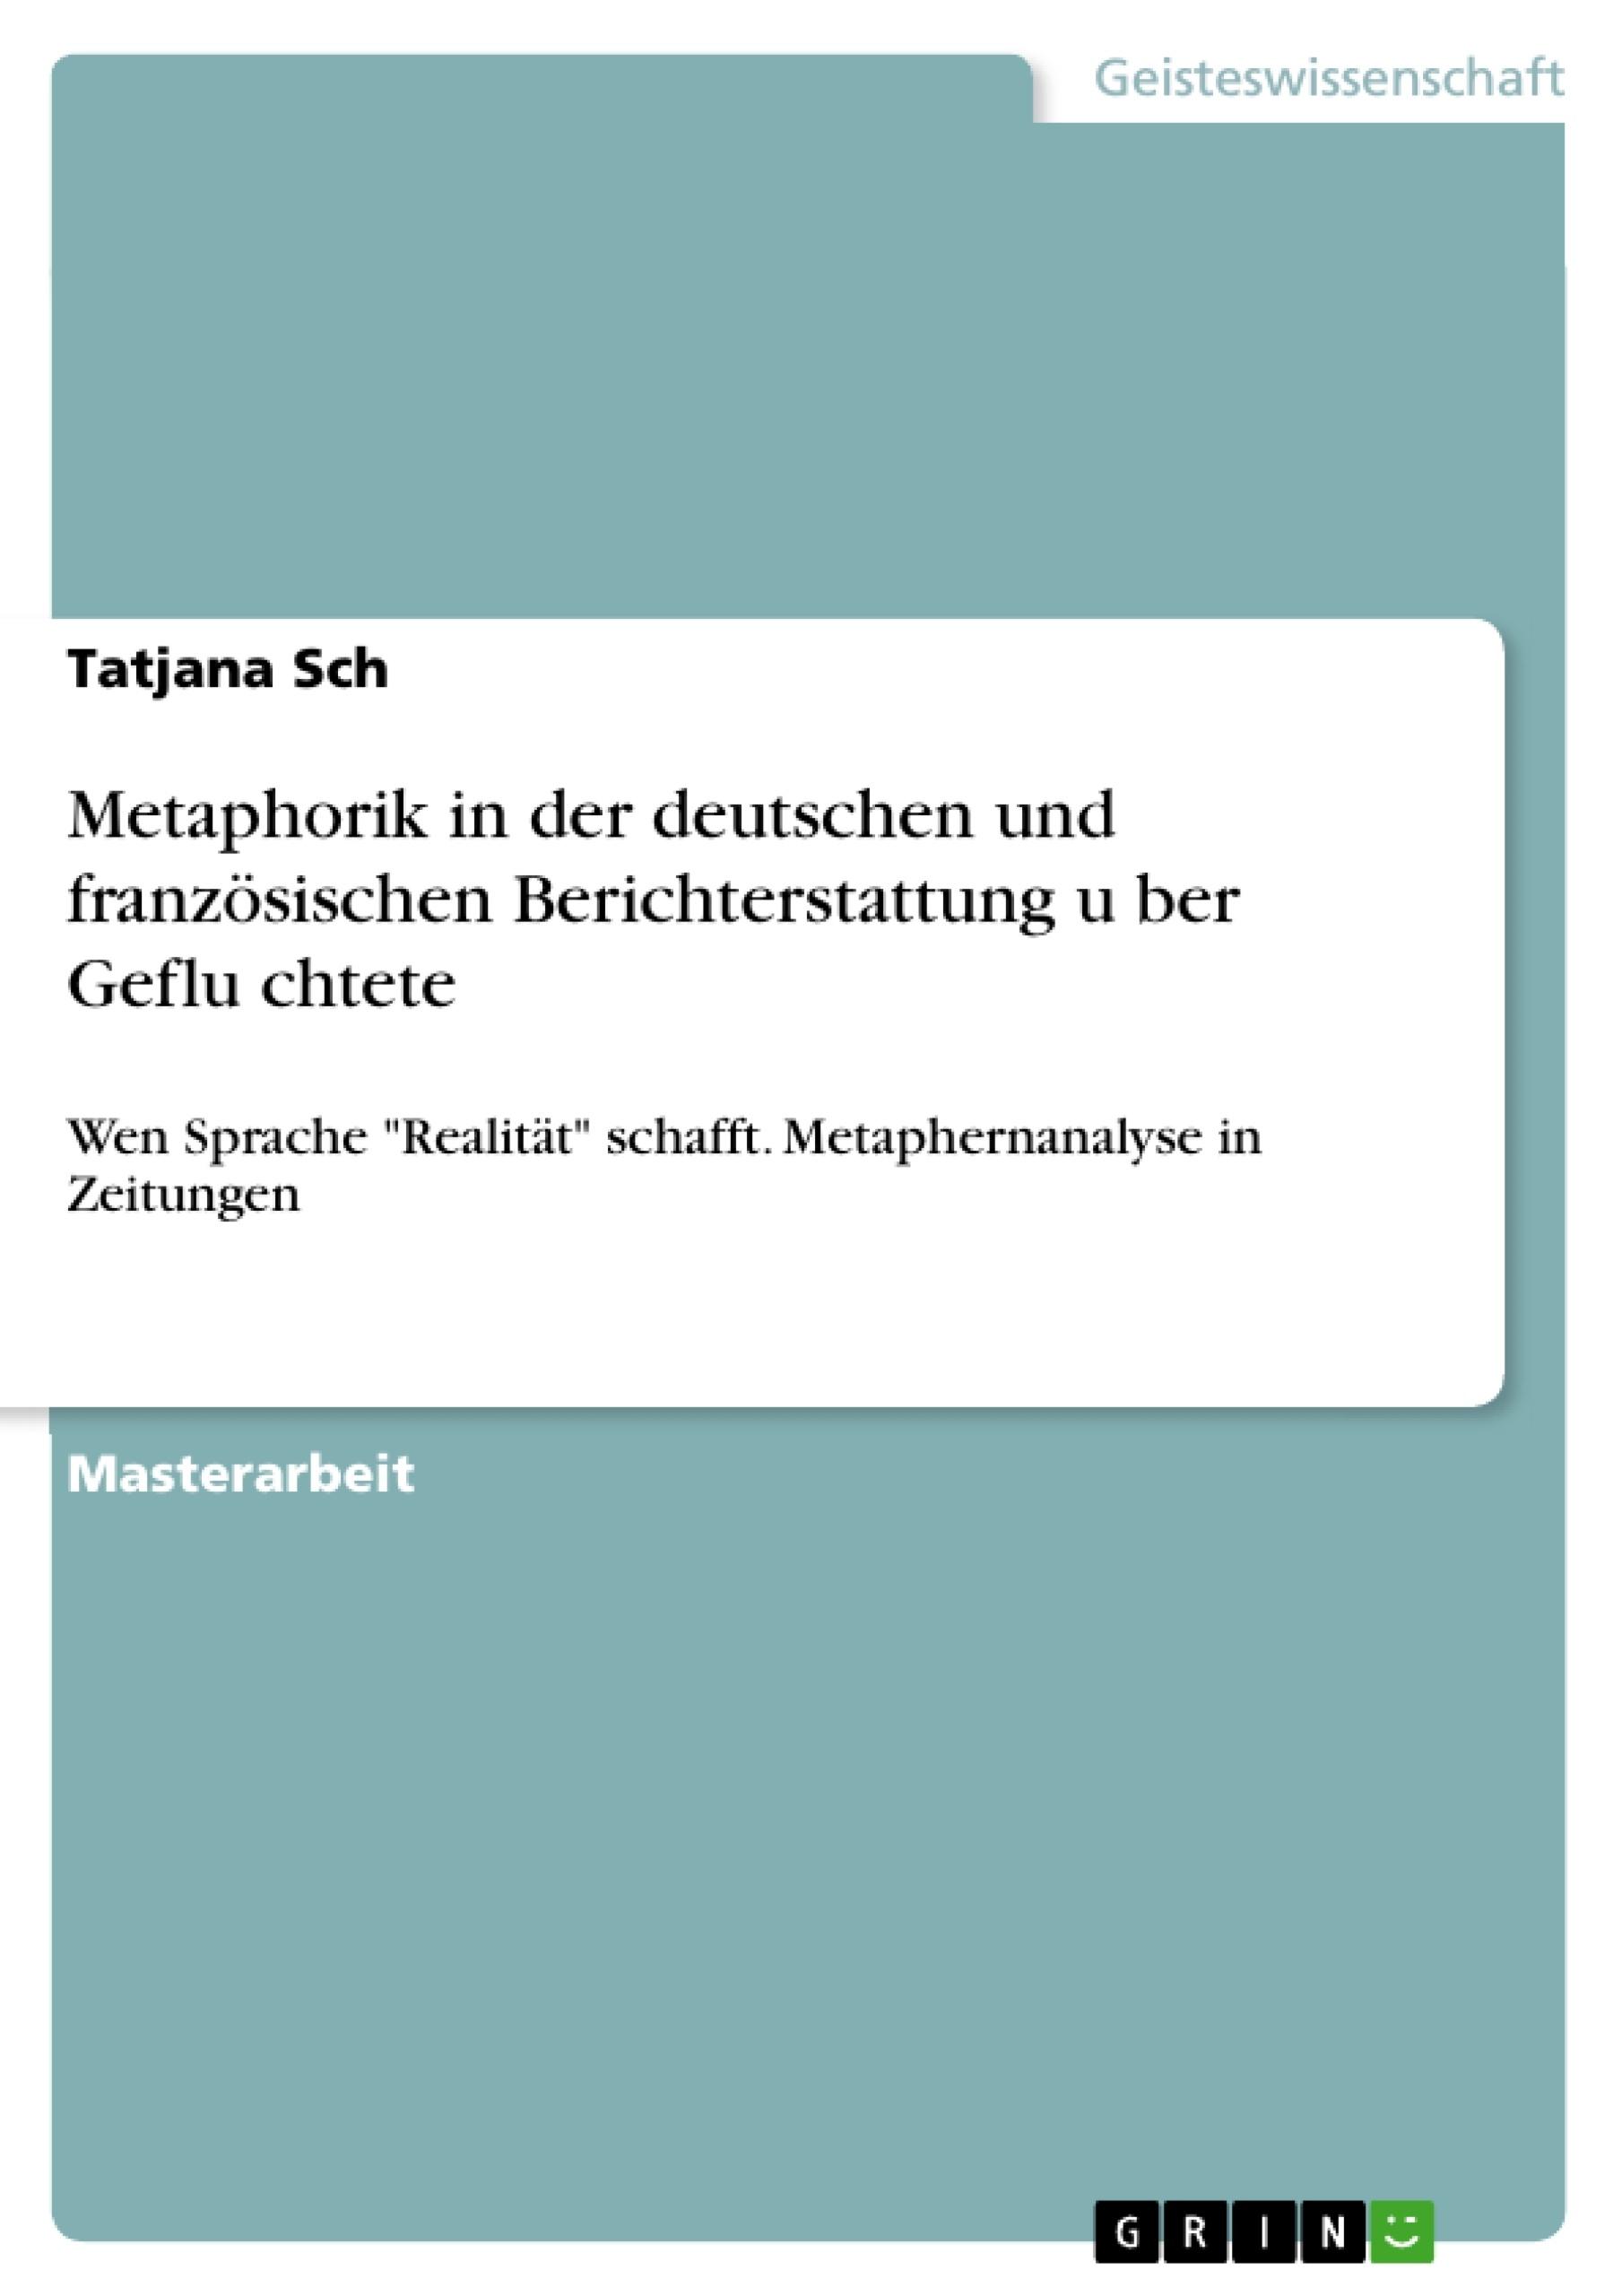 Titel: Metaphorik in der deutschen und französischen Berichterstattung über Geflüchtete